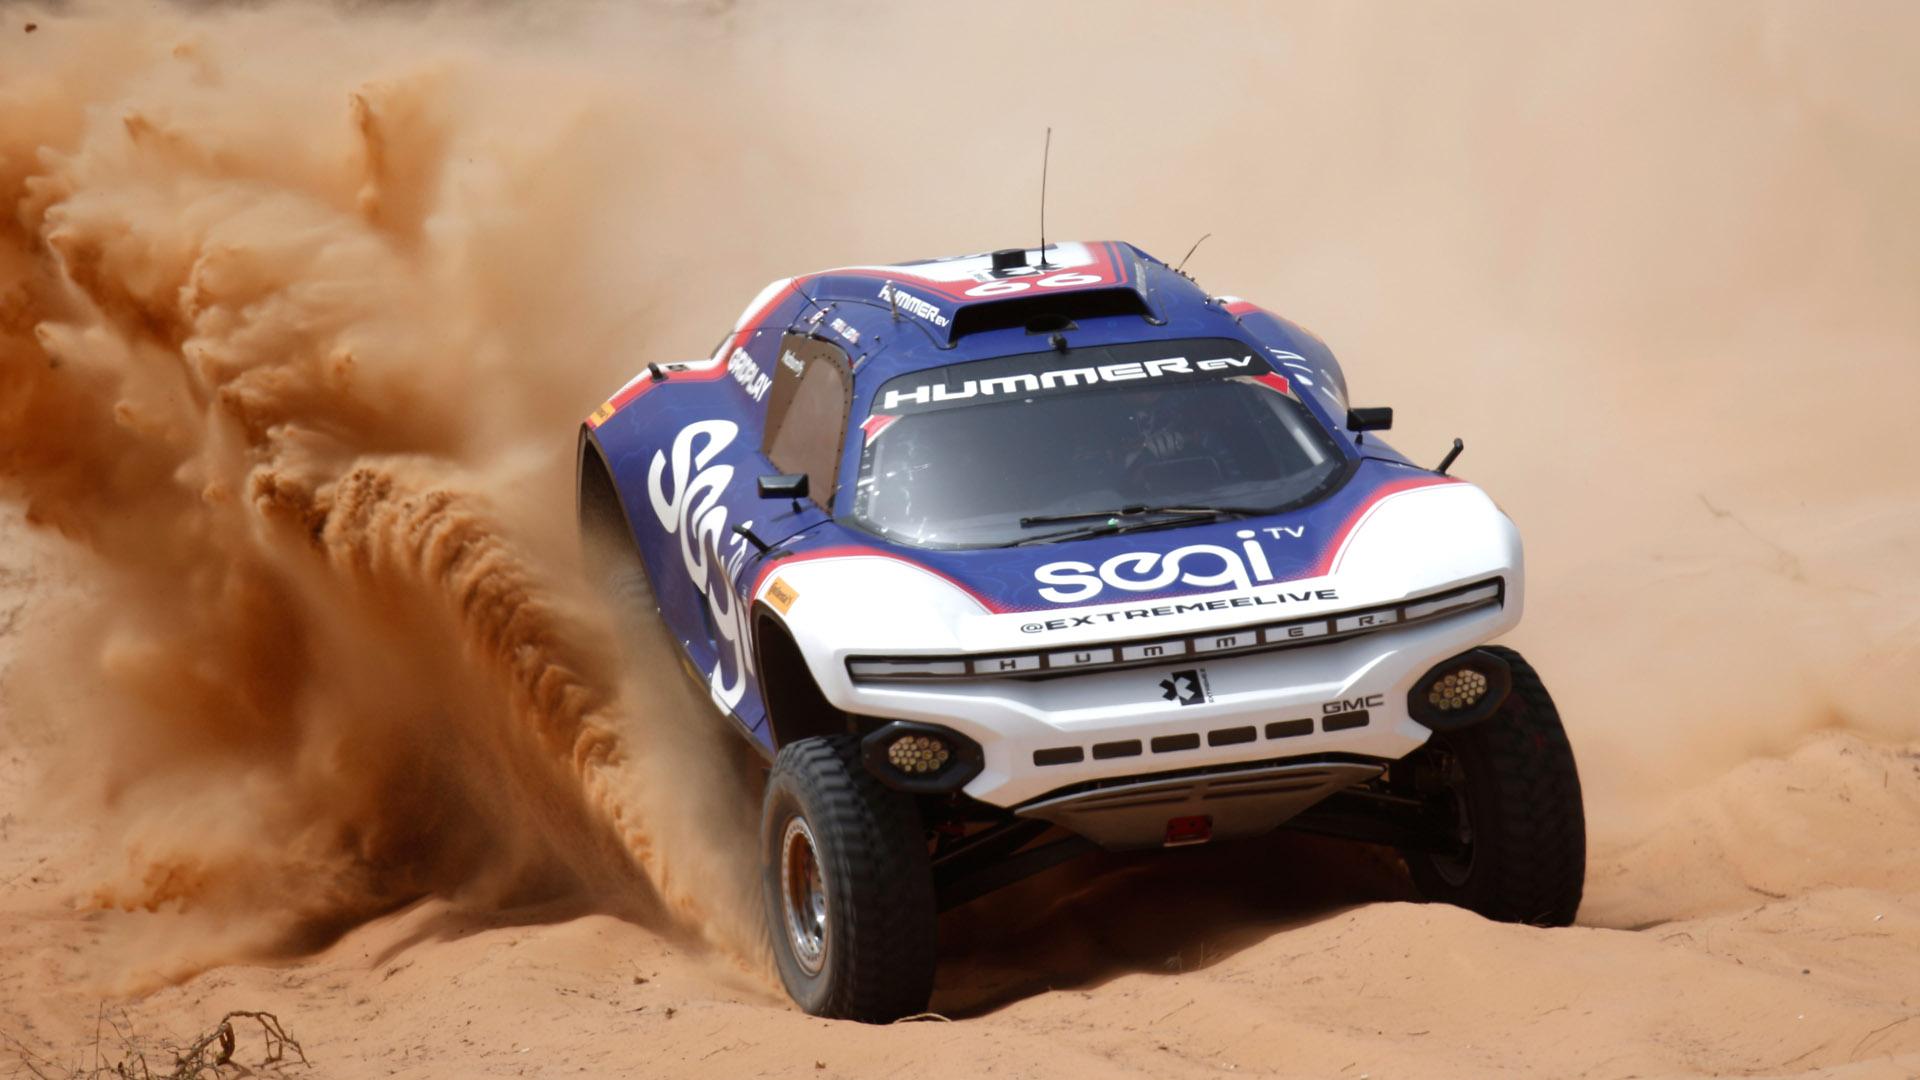 Segi TV Chip Ganassi Racing driver